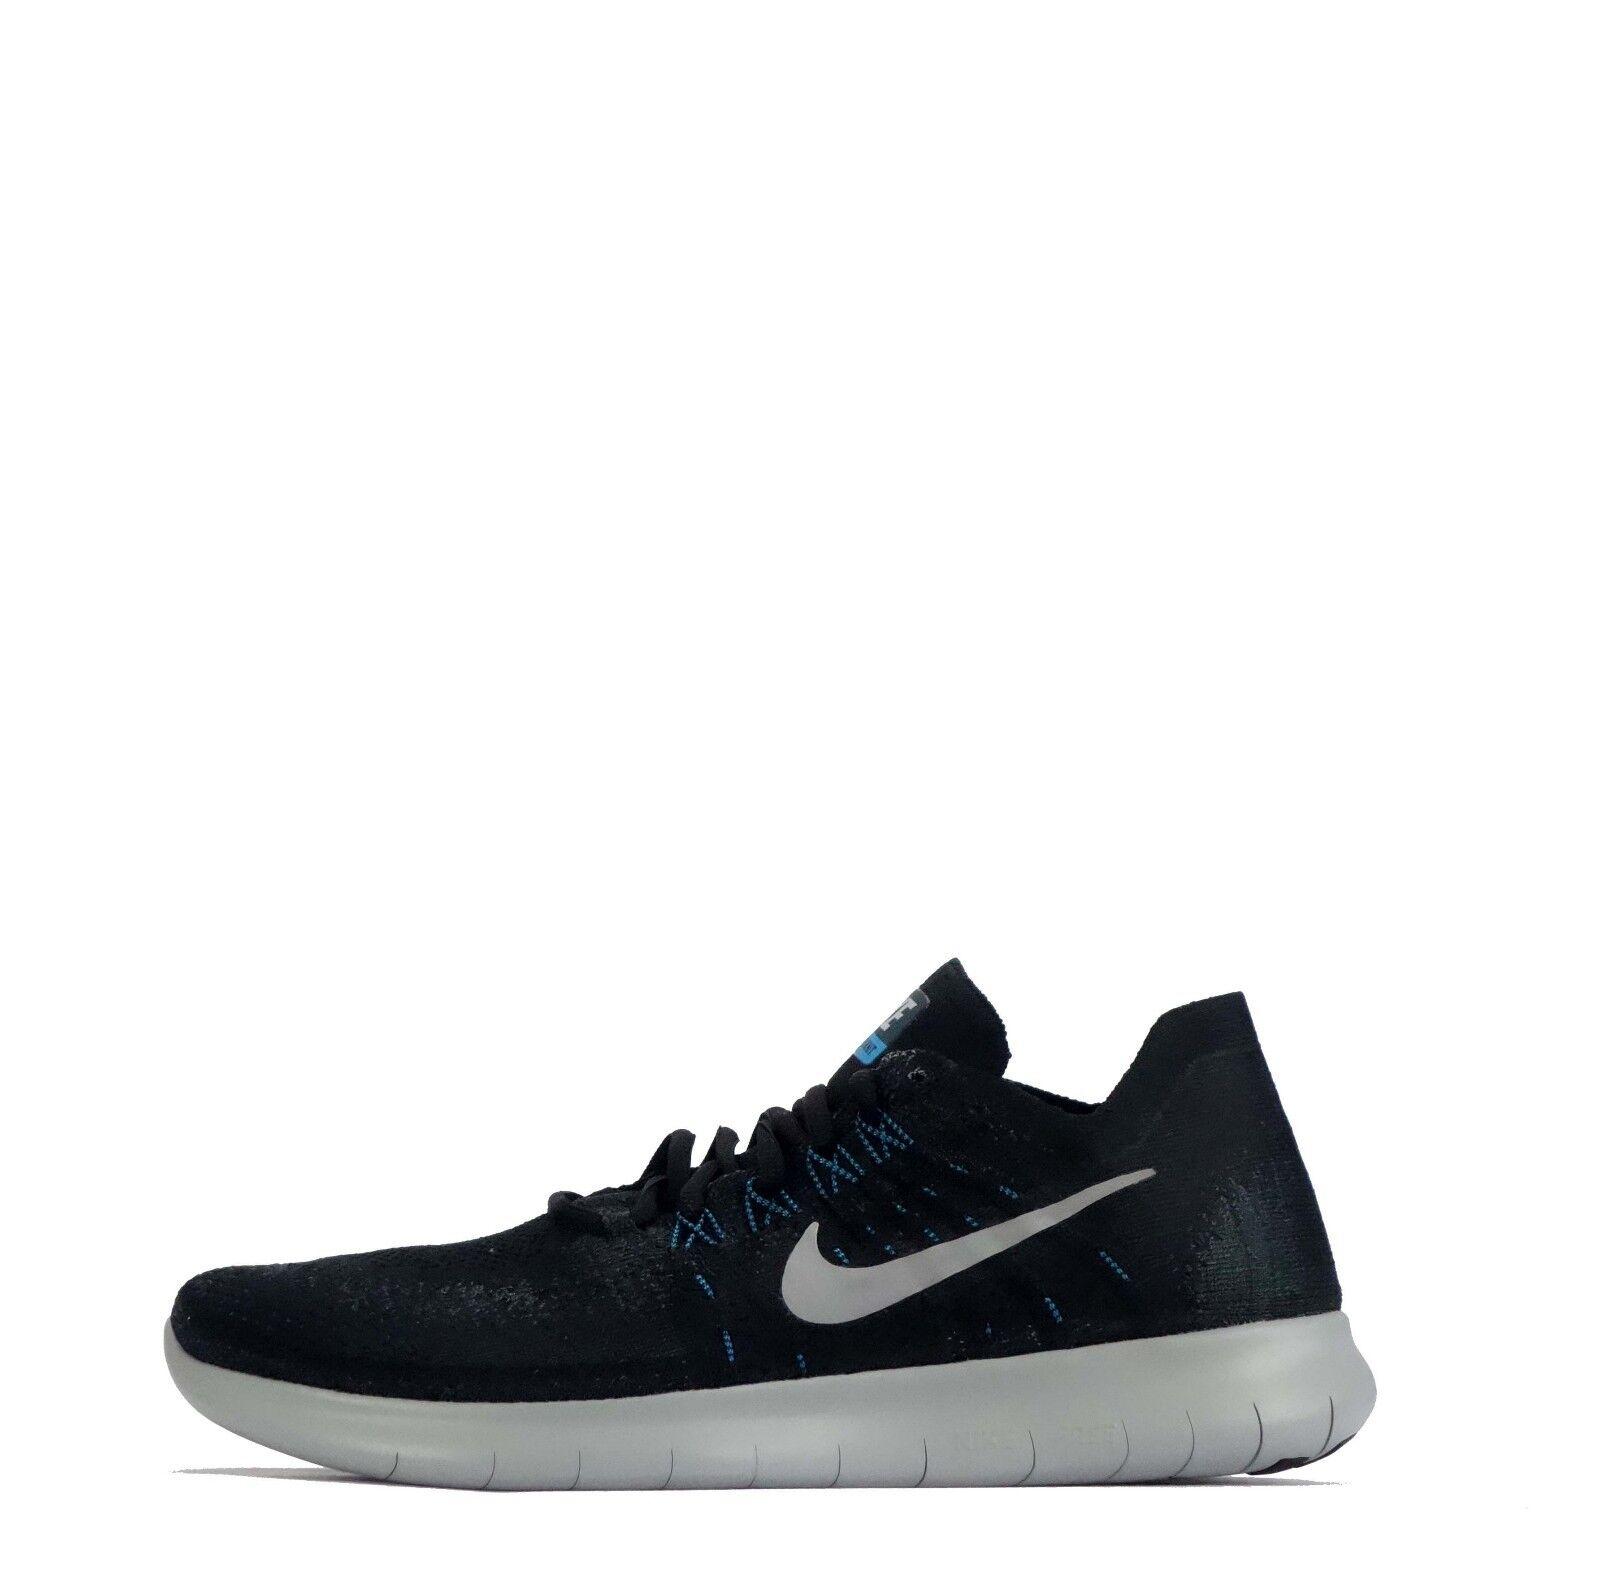 Nike Free rn Flyknit 2018 Hombre Correr Para Correr Hombre Entrenadores Negro \  blanco o apagado 0c004e